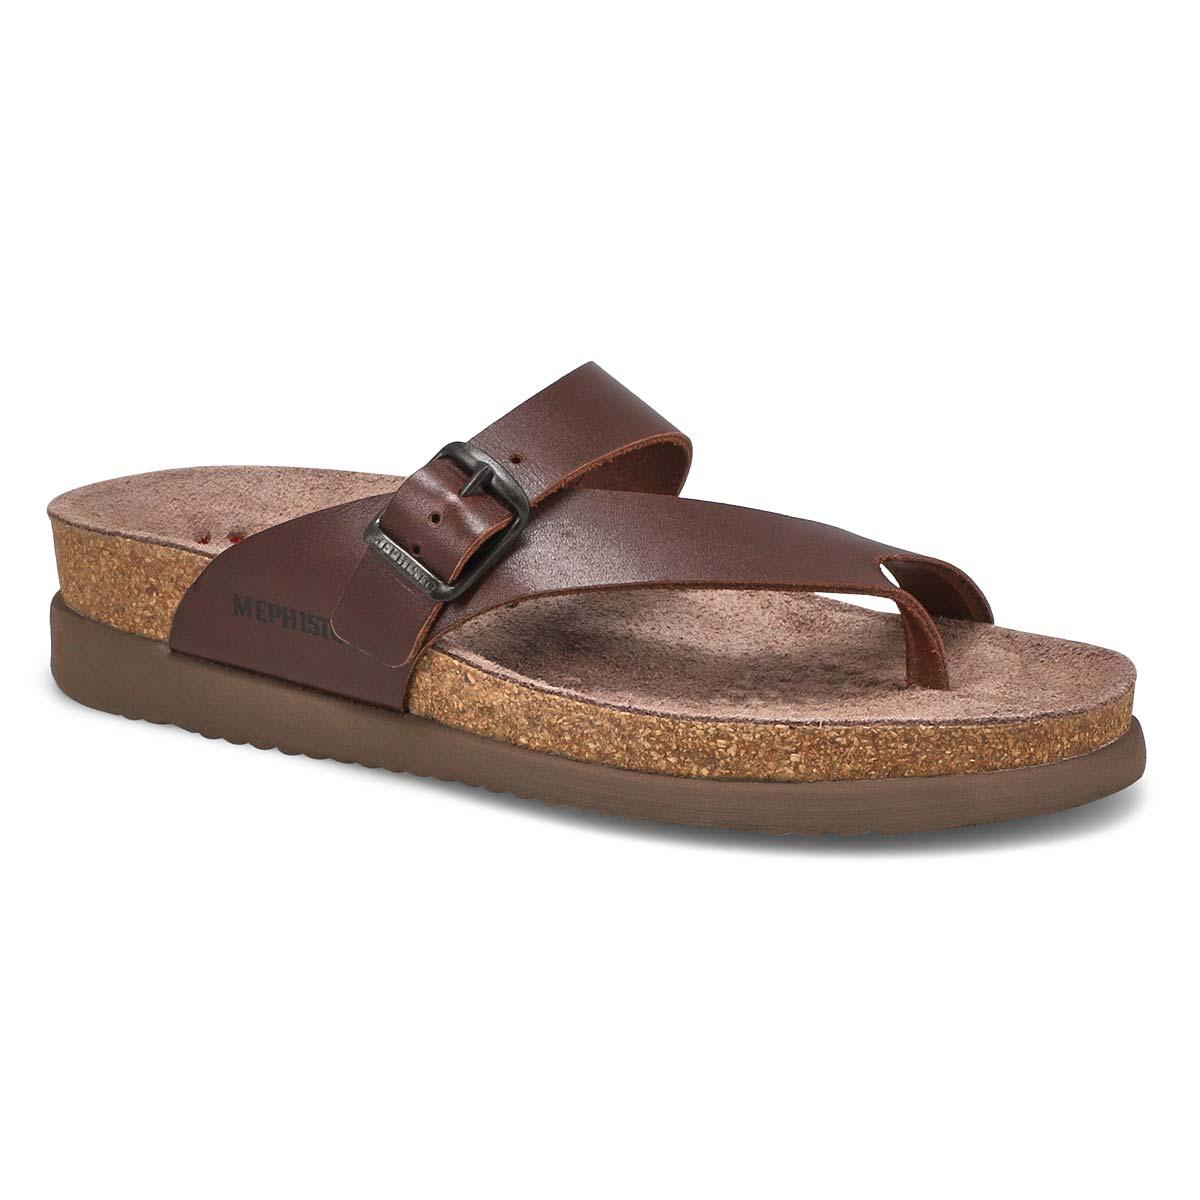 Women's HELEN dark brown waxy thong sandals